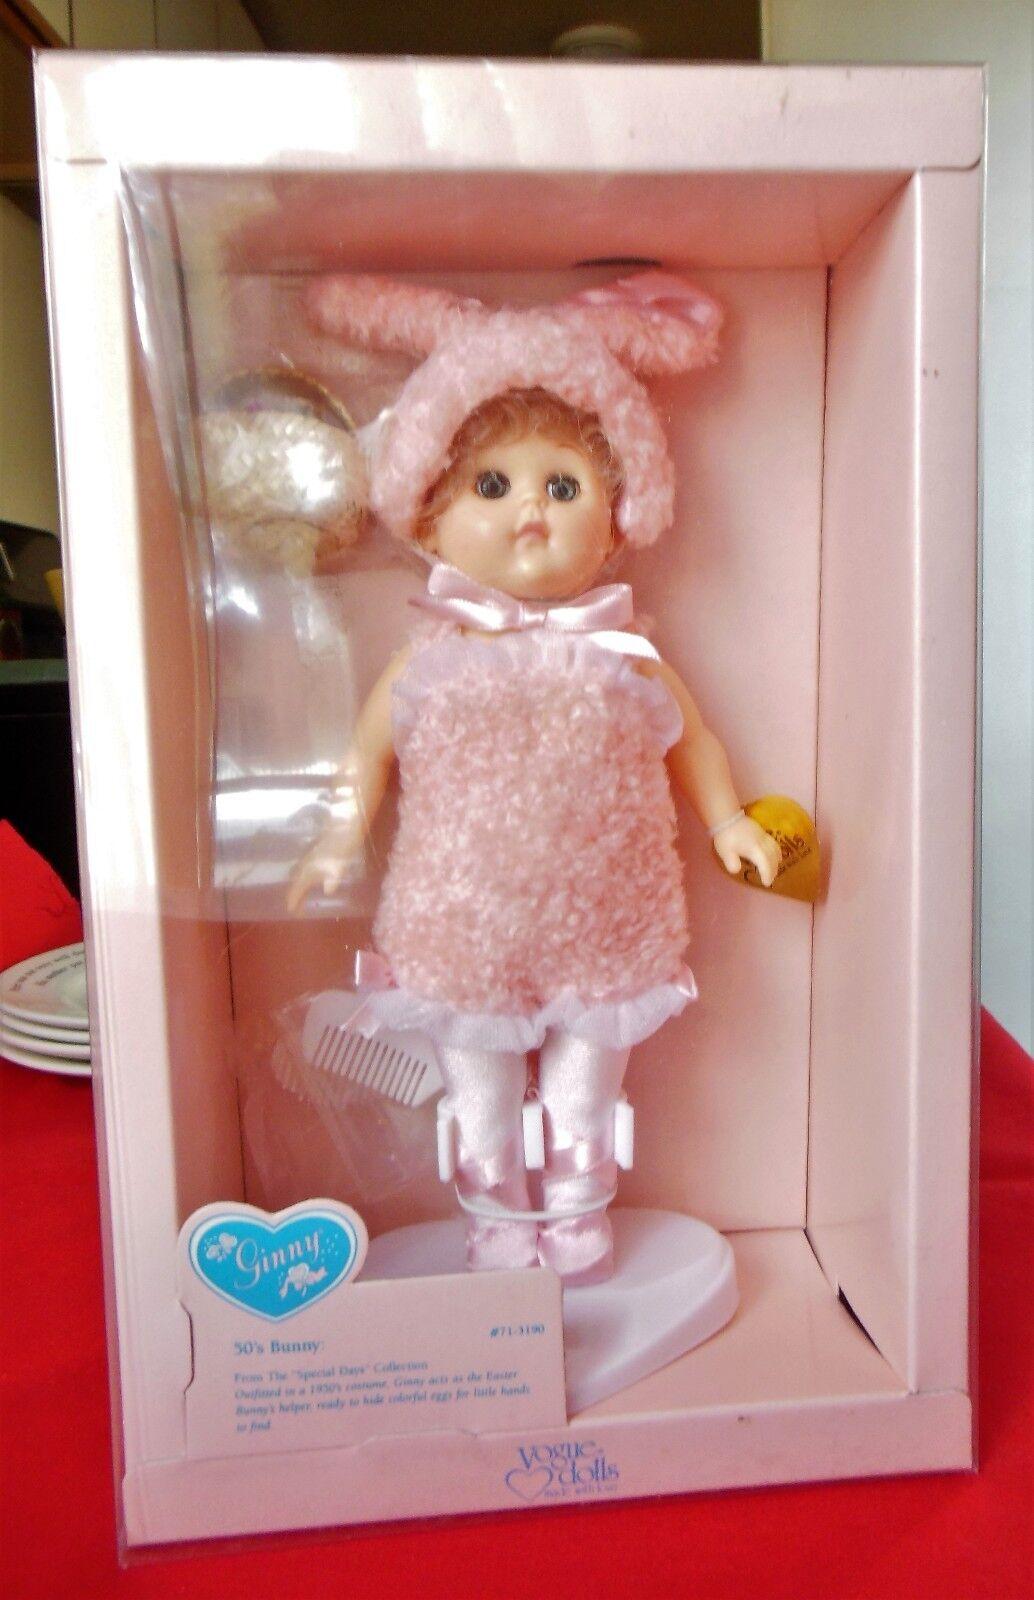 1991 Vogue Ginny Muñeca 8 Pulgadas  años 50 Bunny   MIB de cesta orejas de conejo